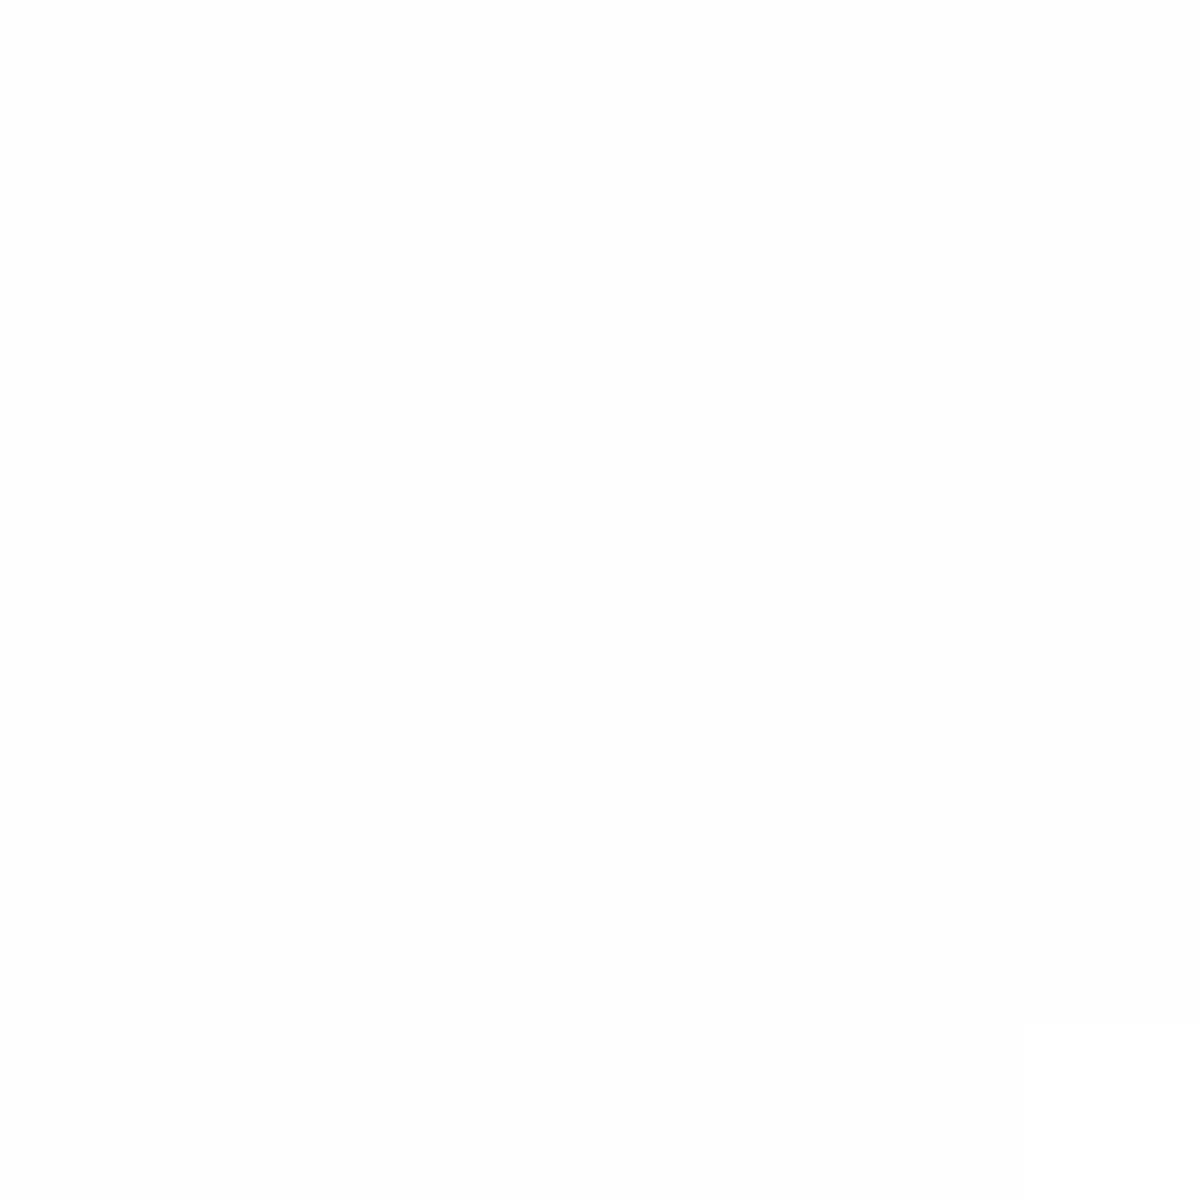 Administración_de_Parques_Nacionales white